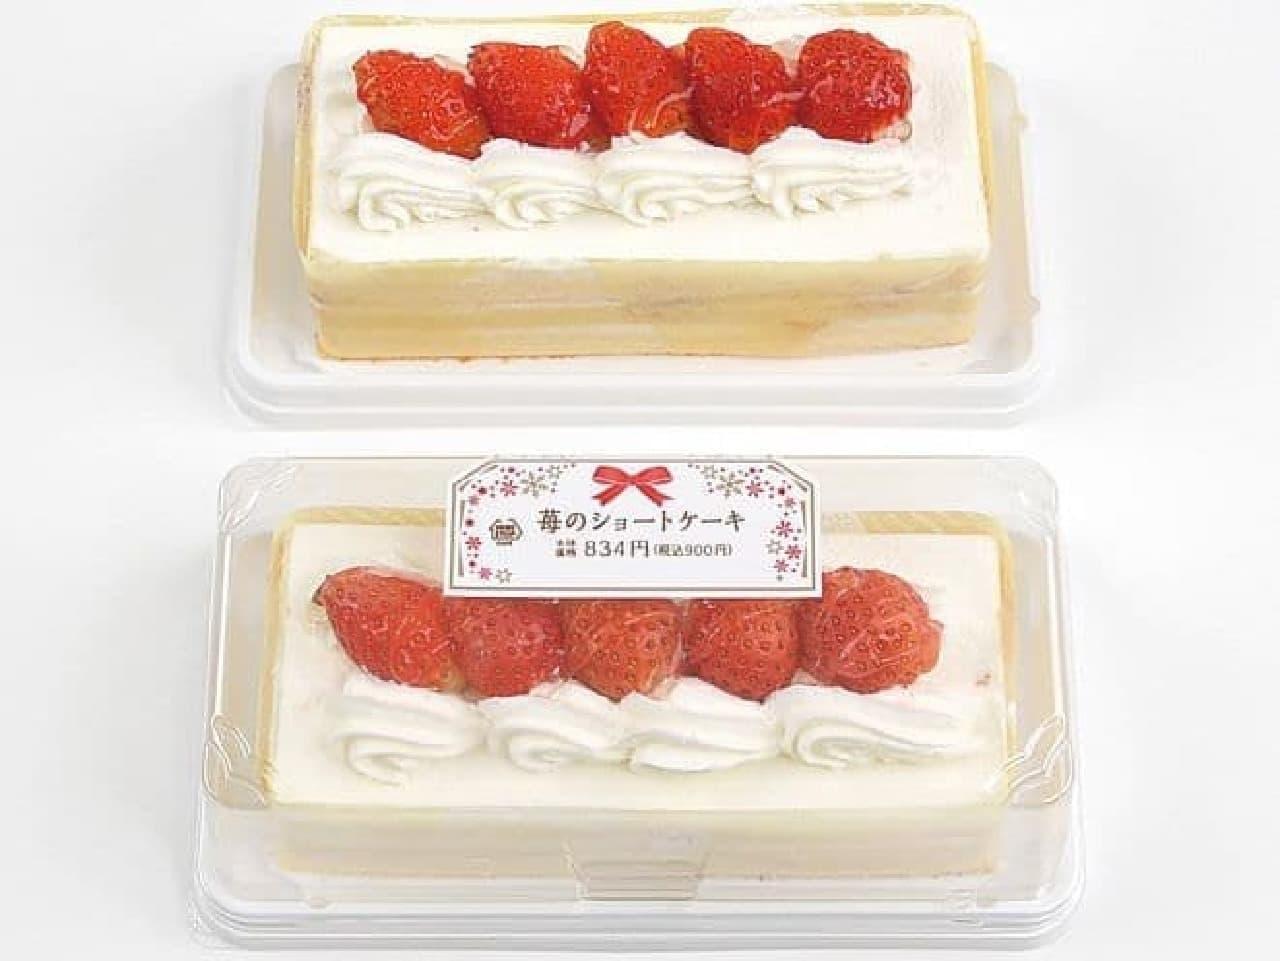 ミニストップ「ミニストップ「苺のショートケーキ」」